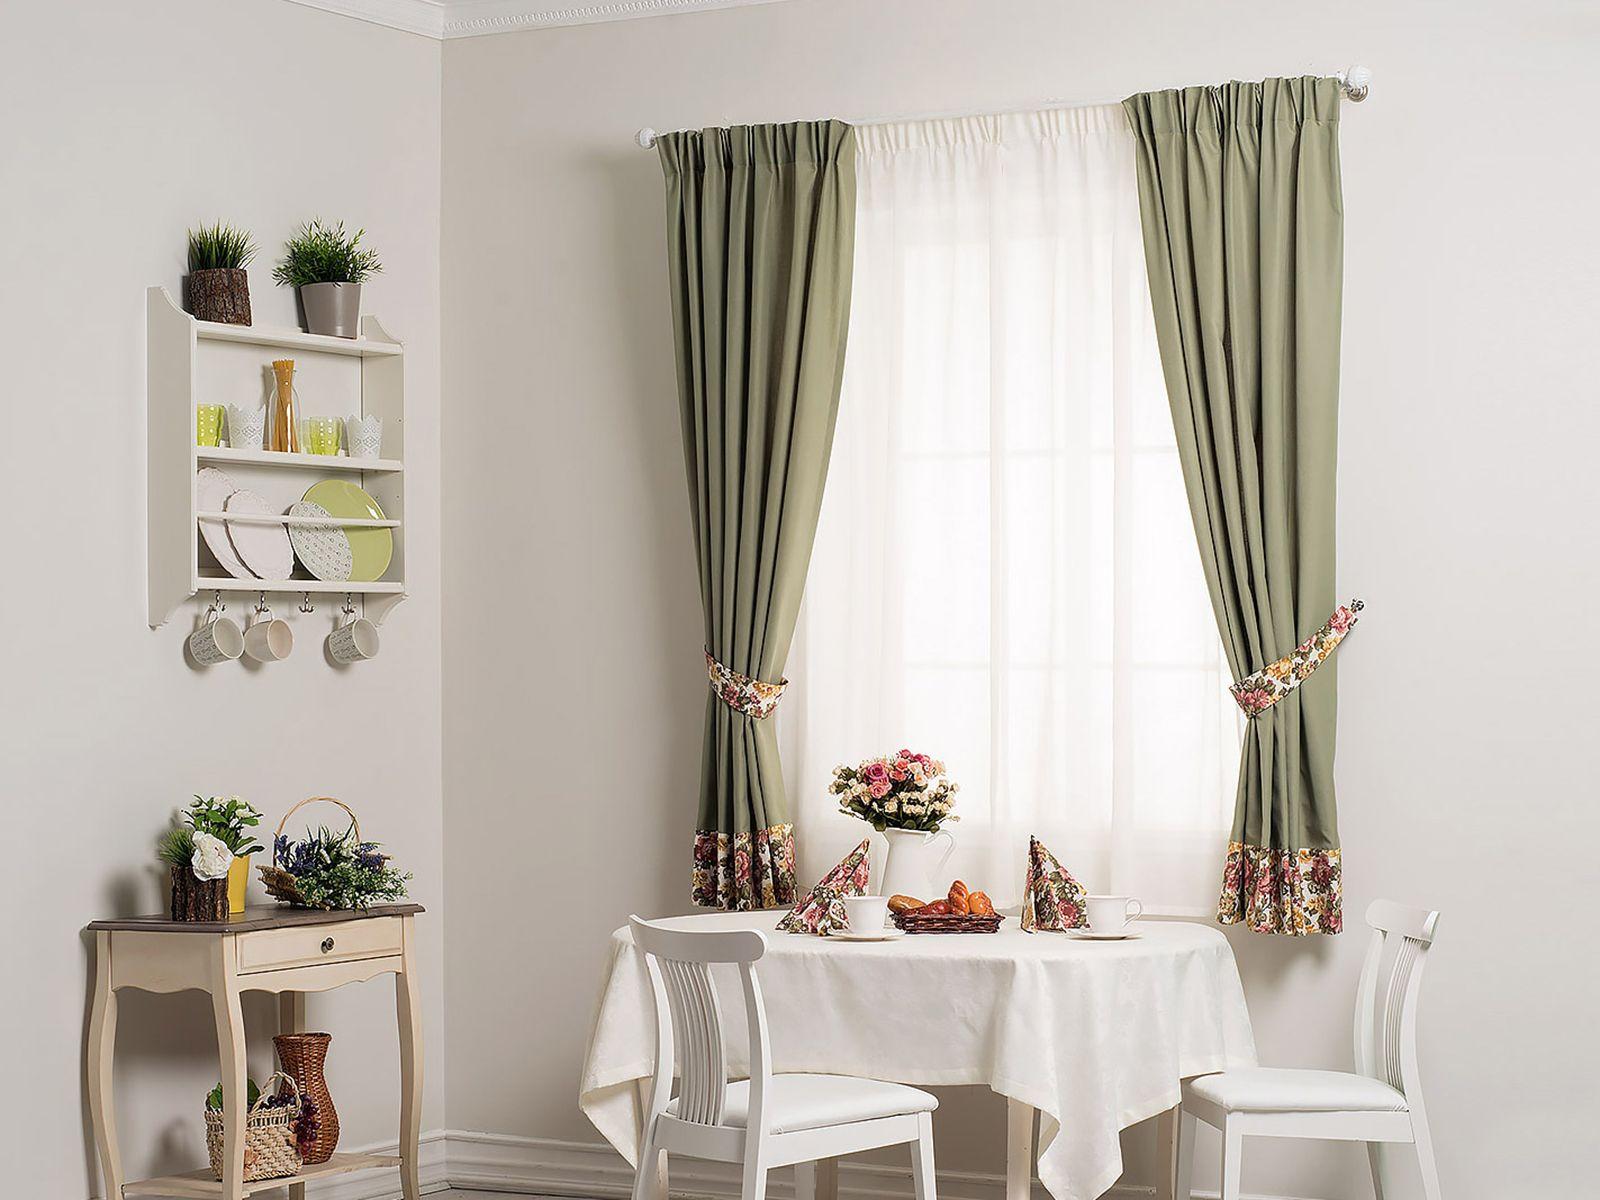 Короткие шторы в интерьере: с чем сочетать (25 фото)